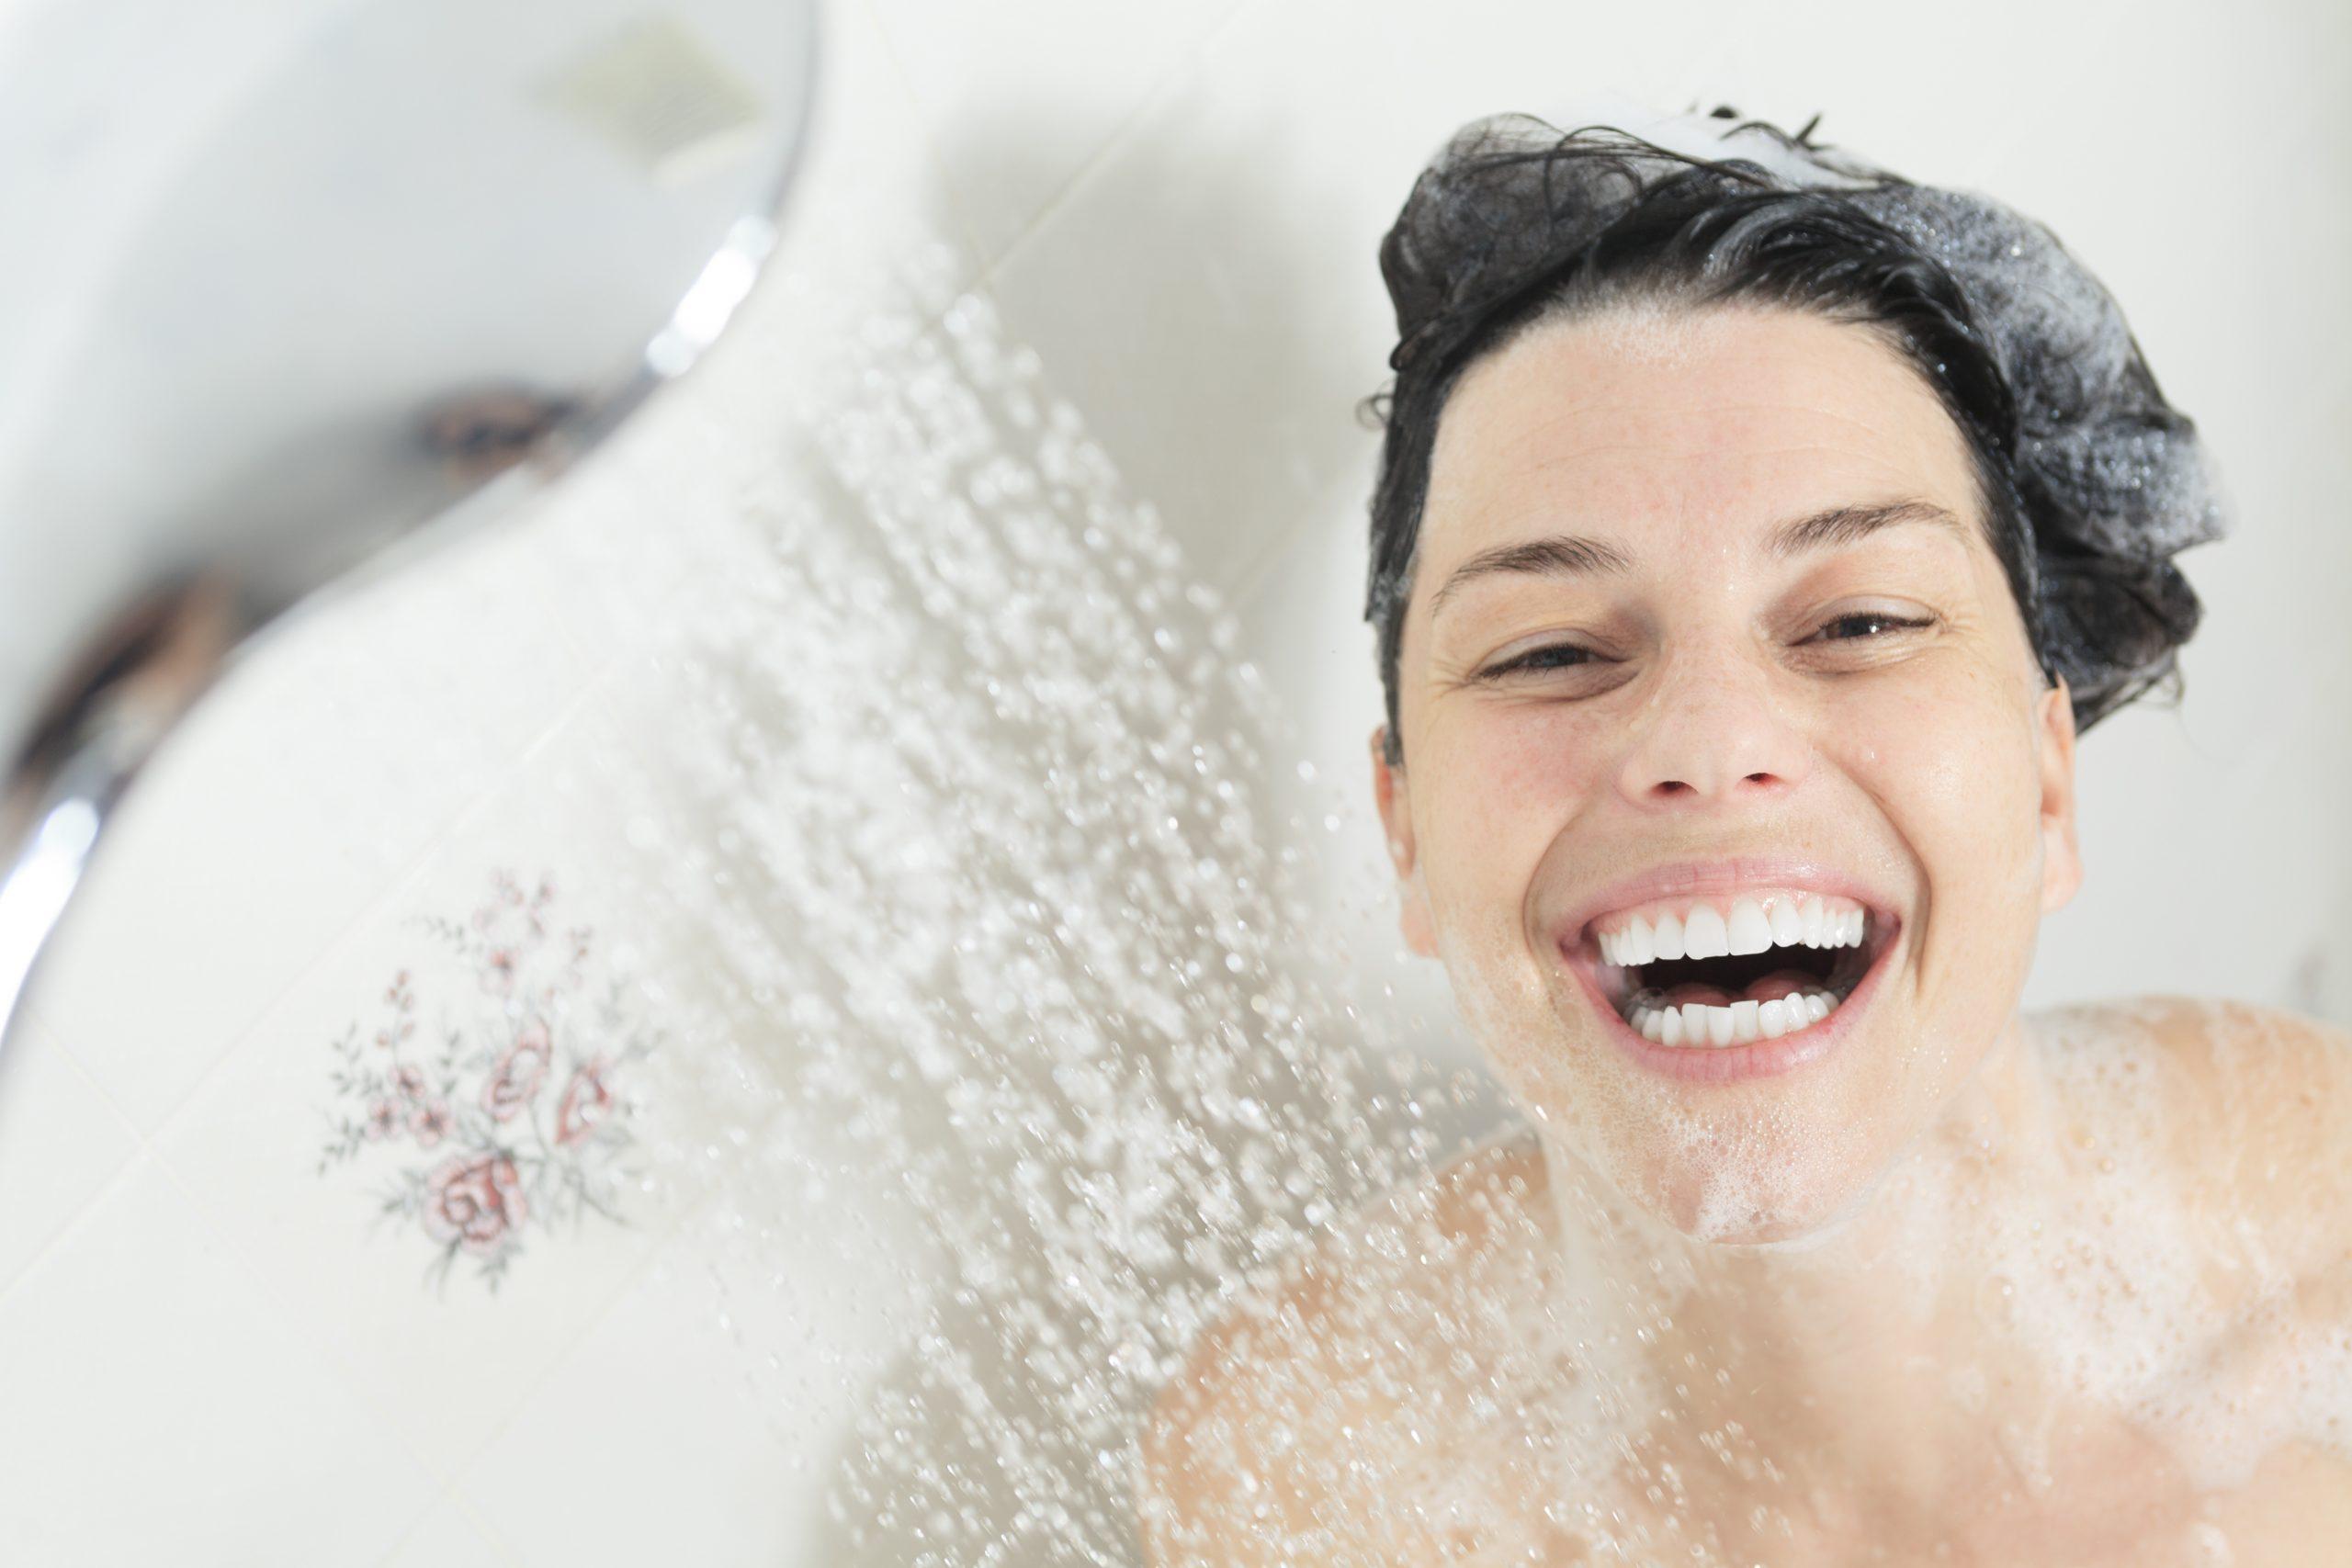 Morgens oder abends duschen?  Wir erklären die Unterschiede!  - Portal für Spezialisten für Naturheilkunde und Naturheilkunde